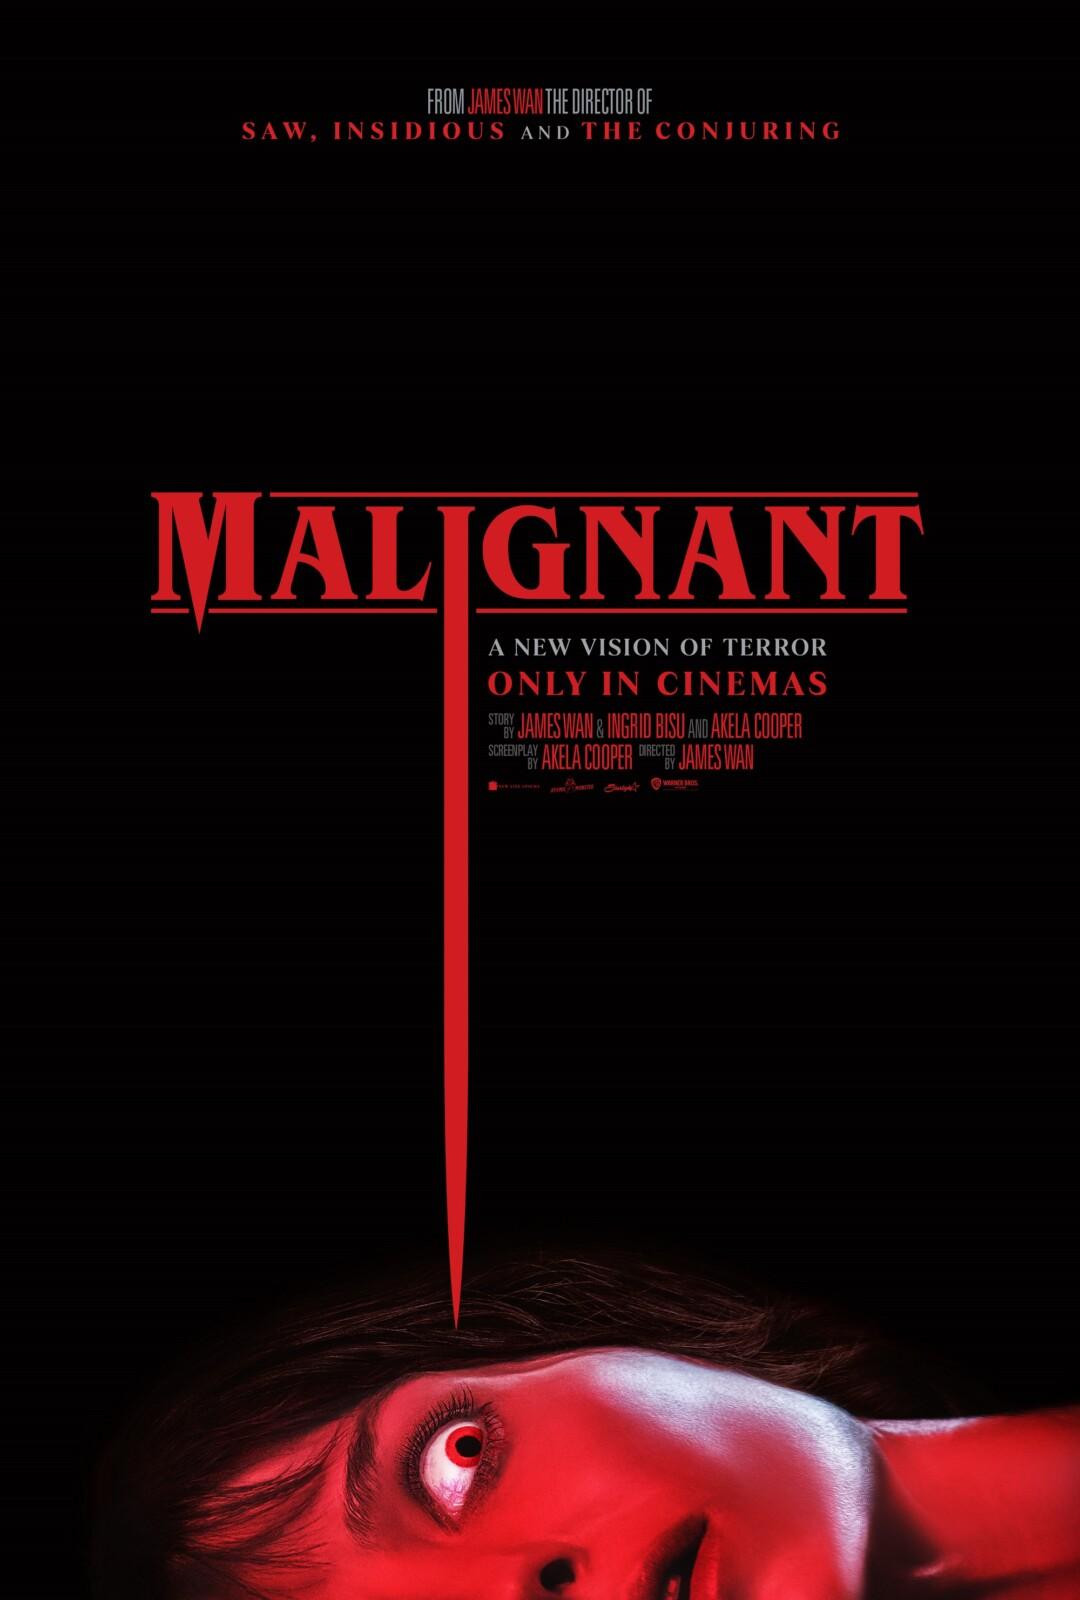 """狂気に満ちた""""悪夢"""" ホラー映画界の巨匠ジェームズ・ワン監督最新作 映画『マリグナント』の予告映像が公開"""